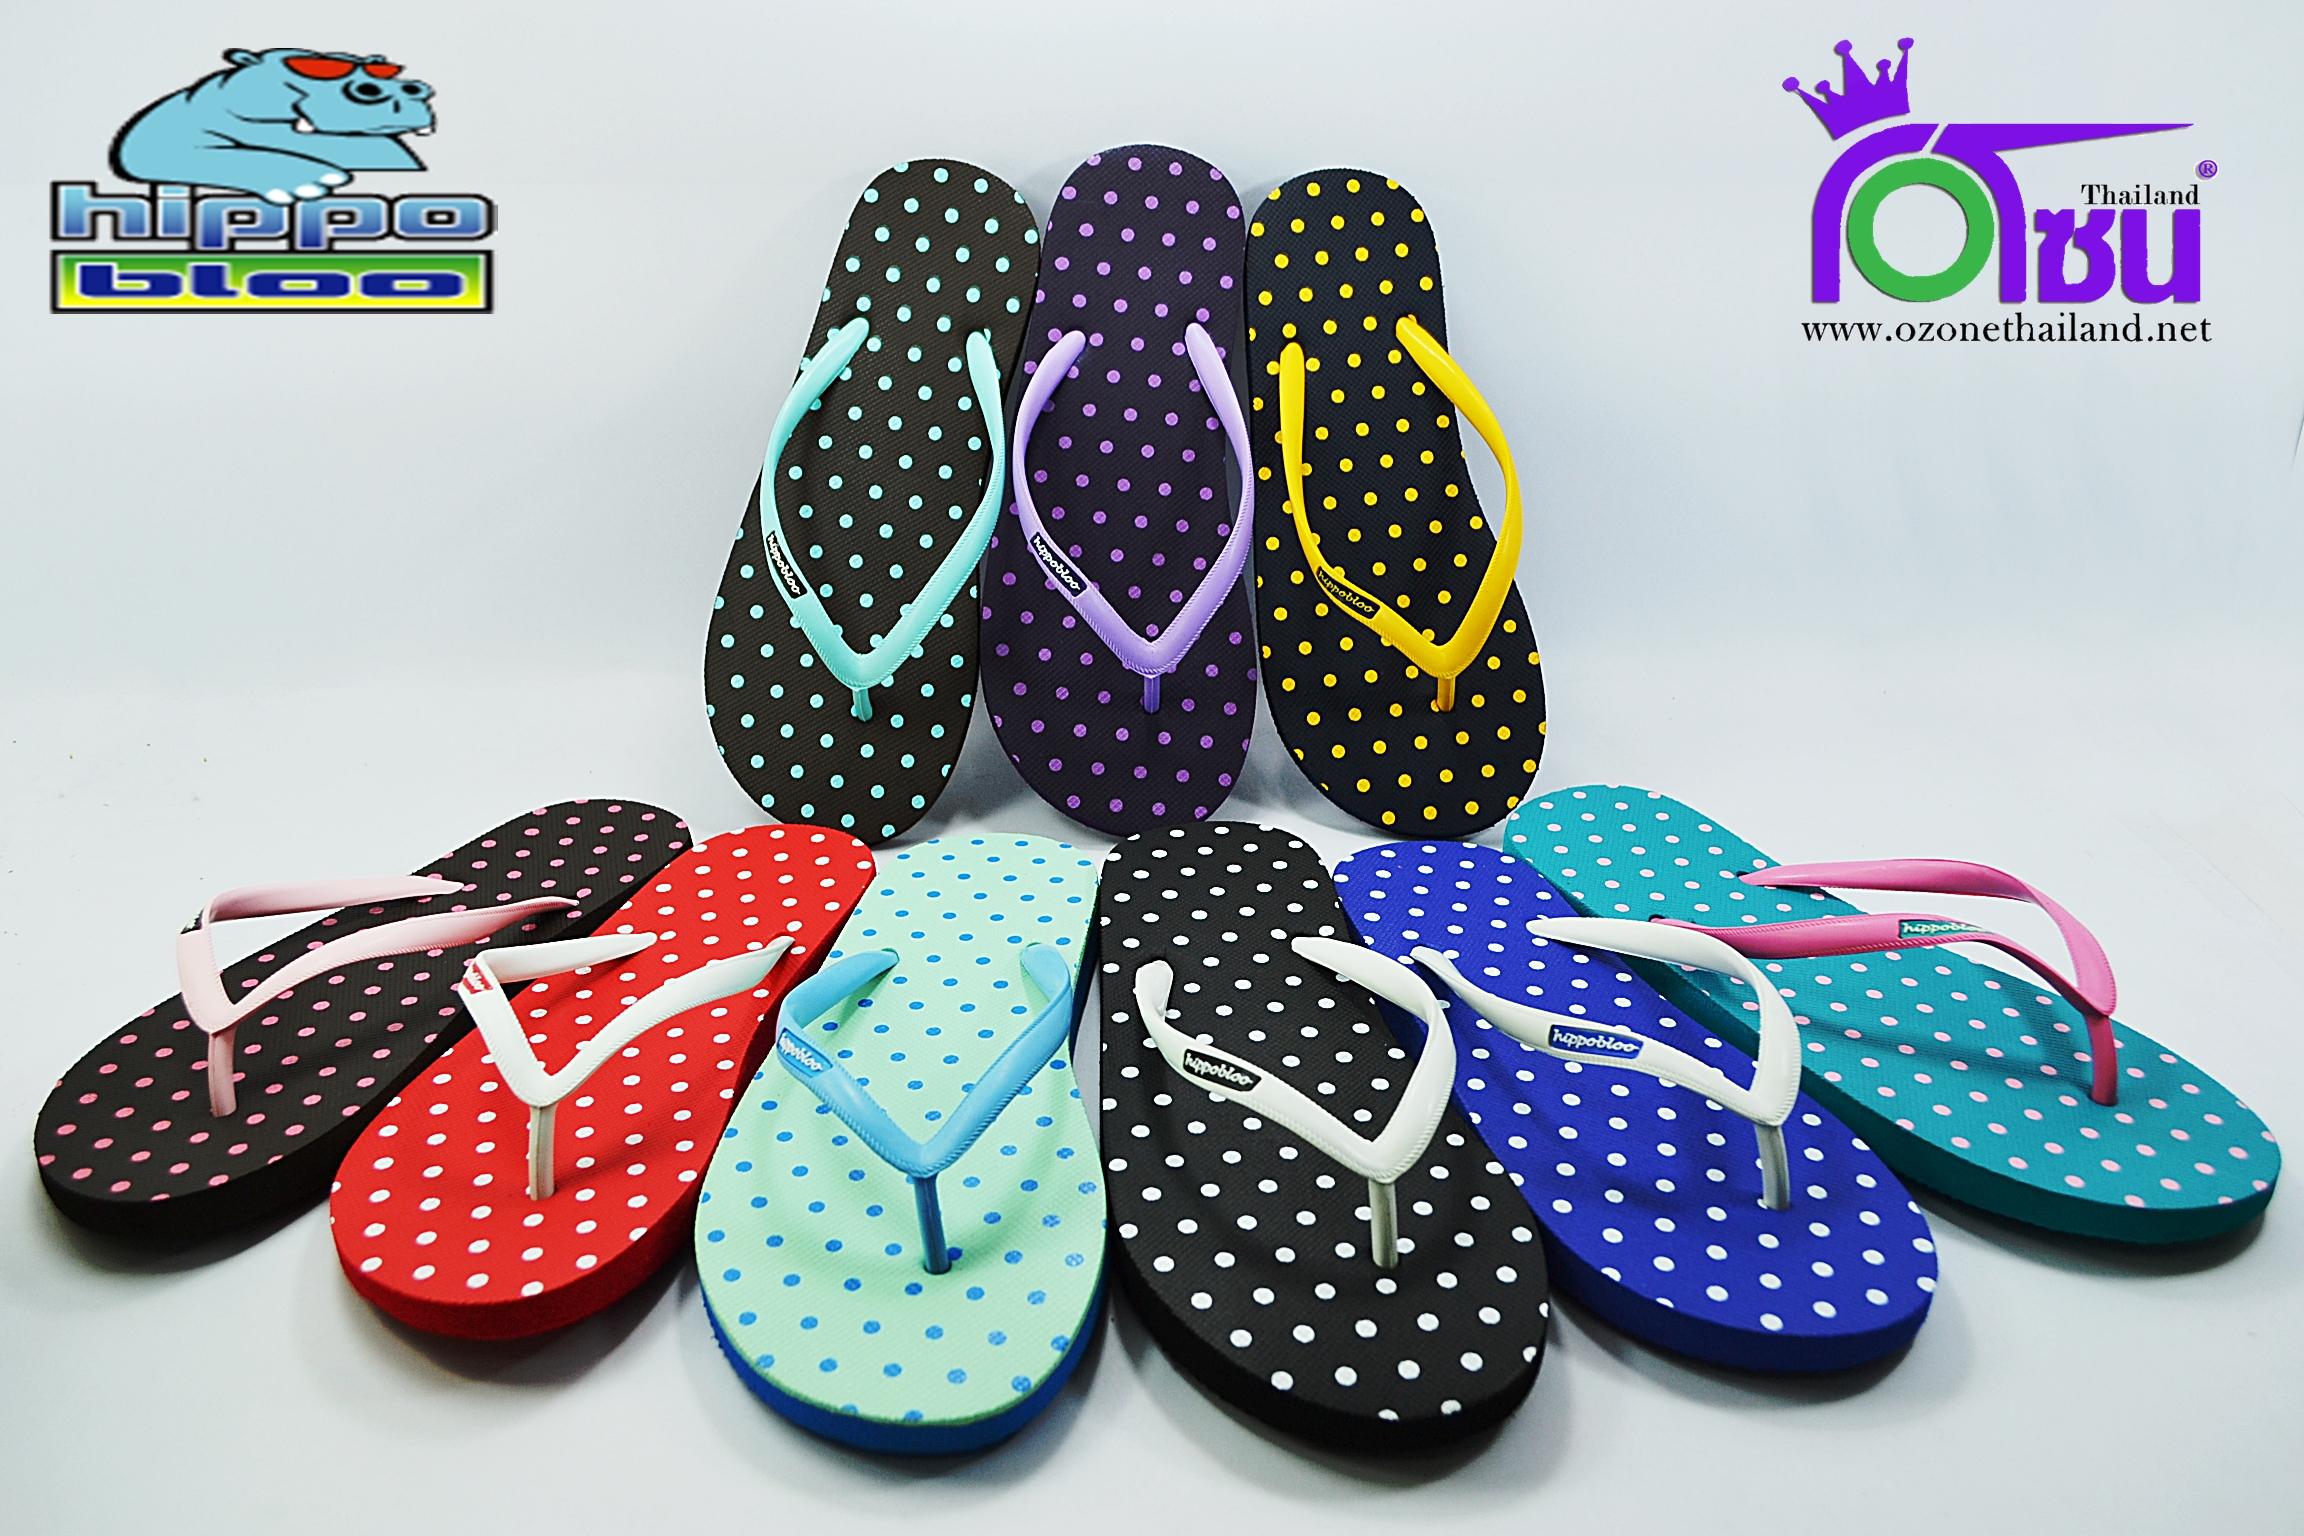 รองเท้าแตะ Hippo Bloo ฮิปโป บลู ลายจุด เบอร์ 9,9.5,10,